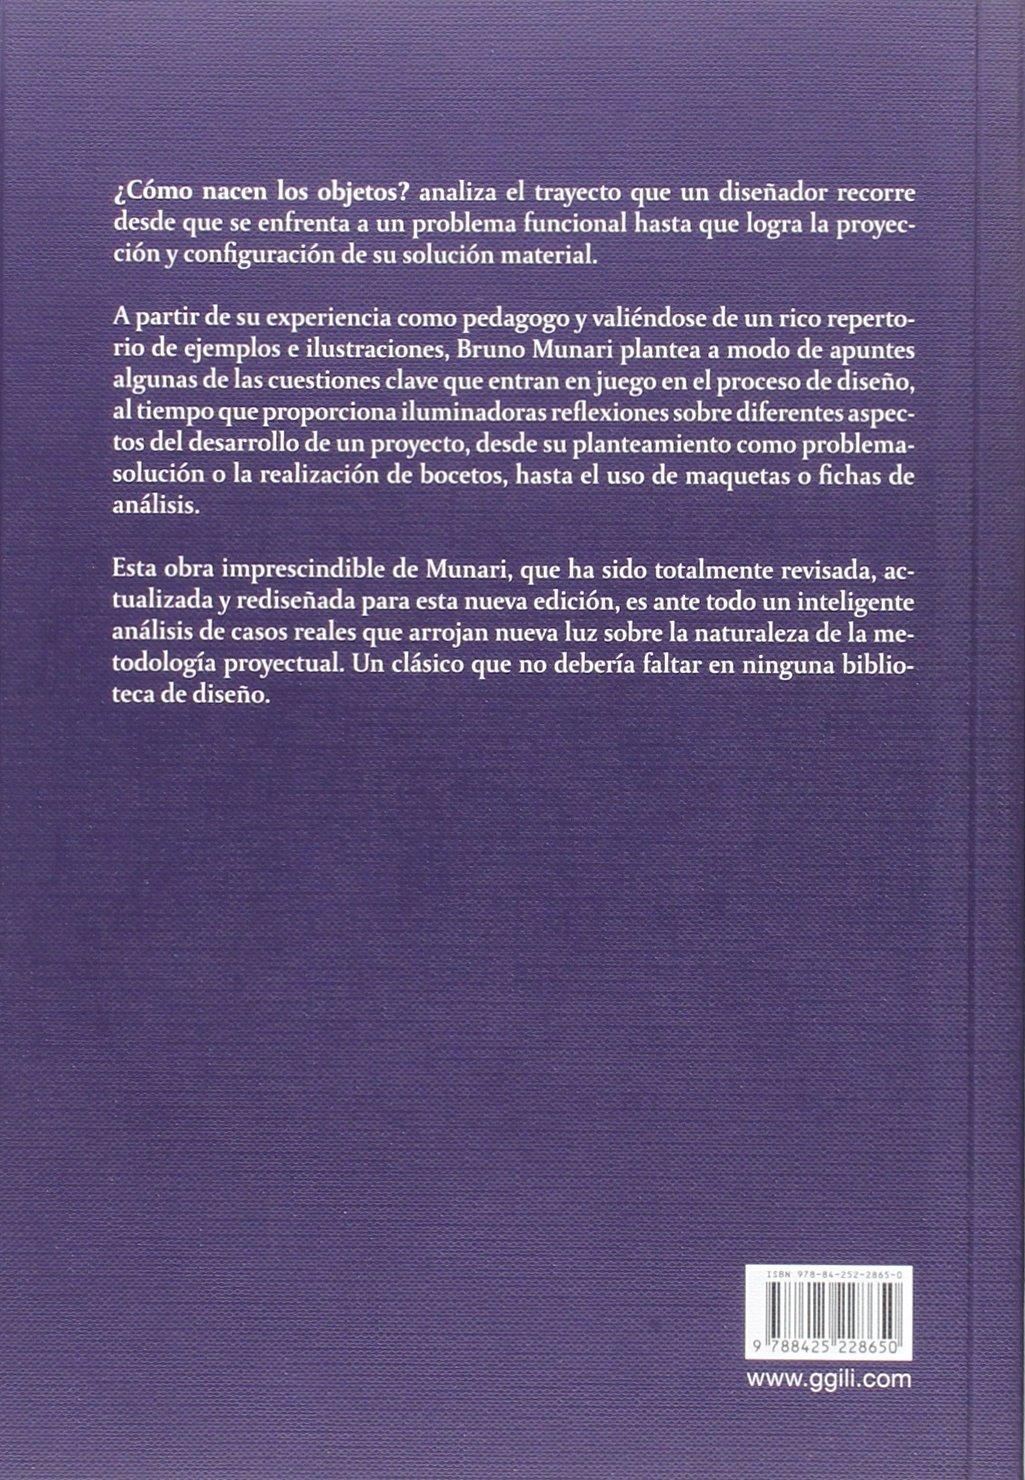 Cómo nacen los objetos - Edición revisada (pendiente de ...